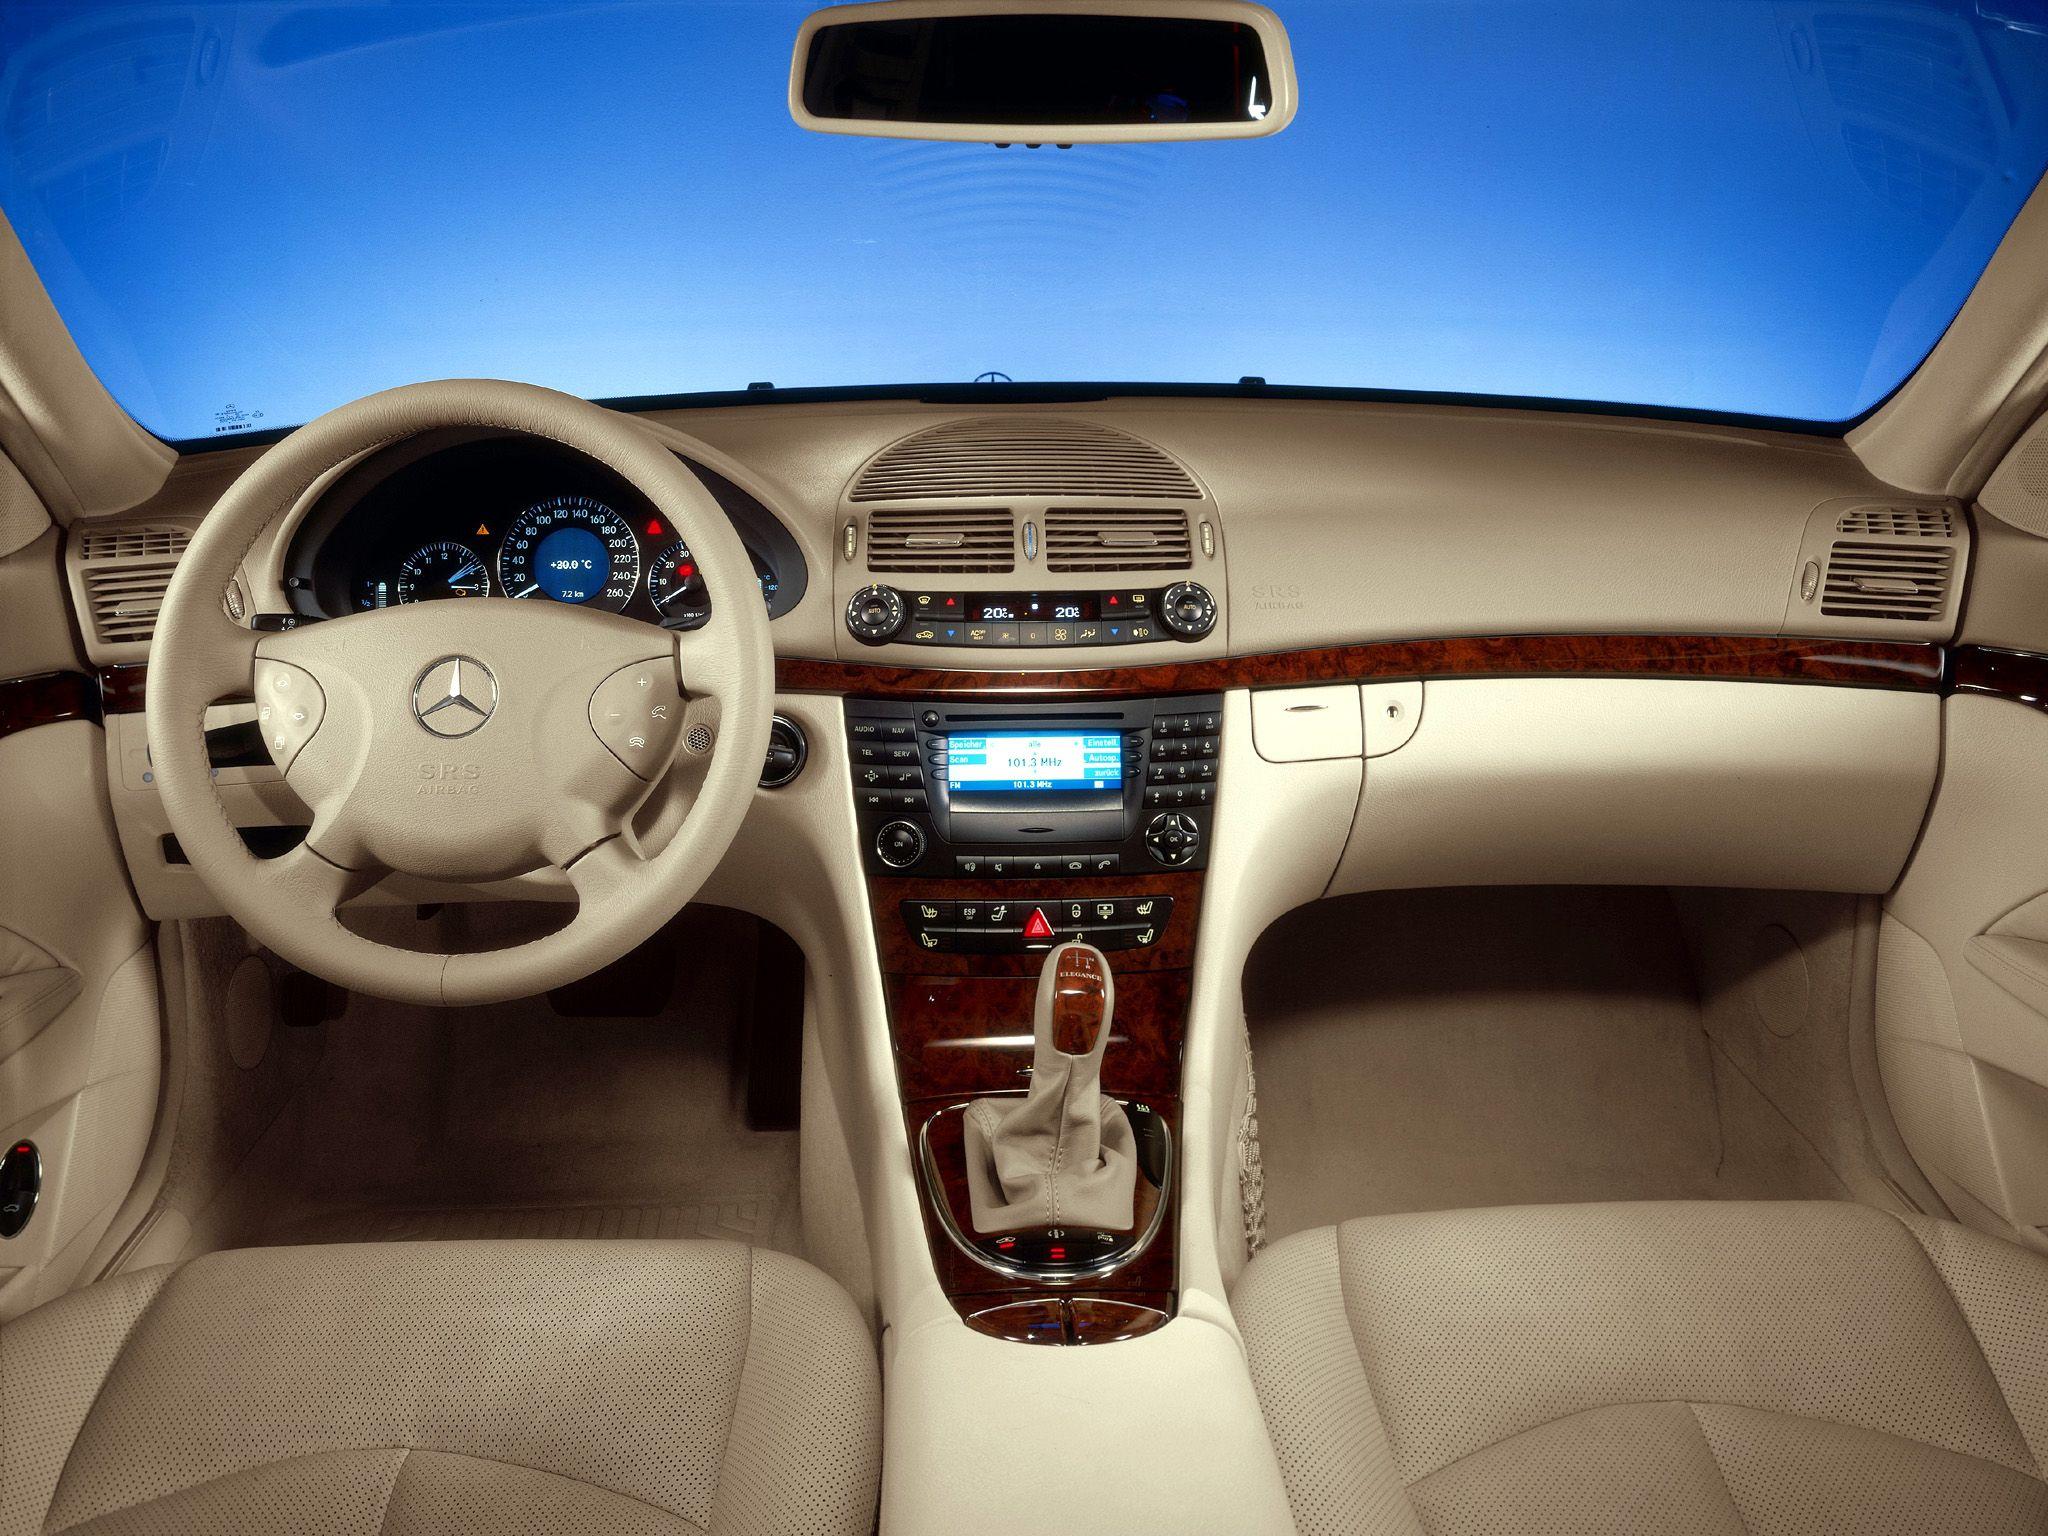 В Mercedes E-Class (W211) отключилось салонное освещение, привод люка и управление климатом